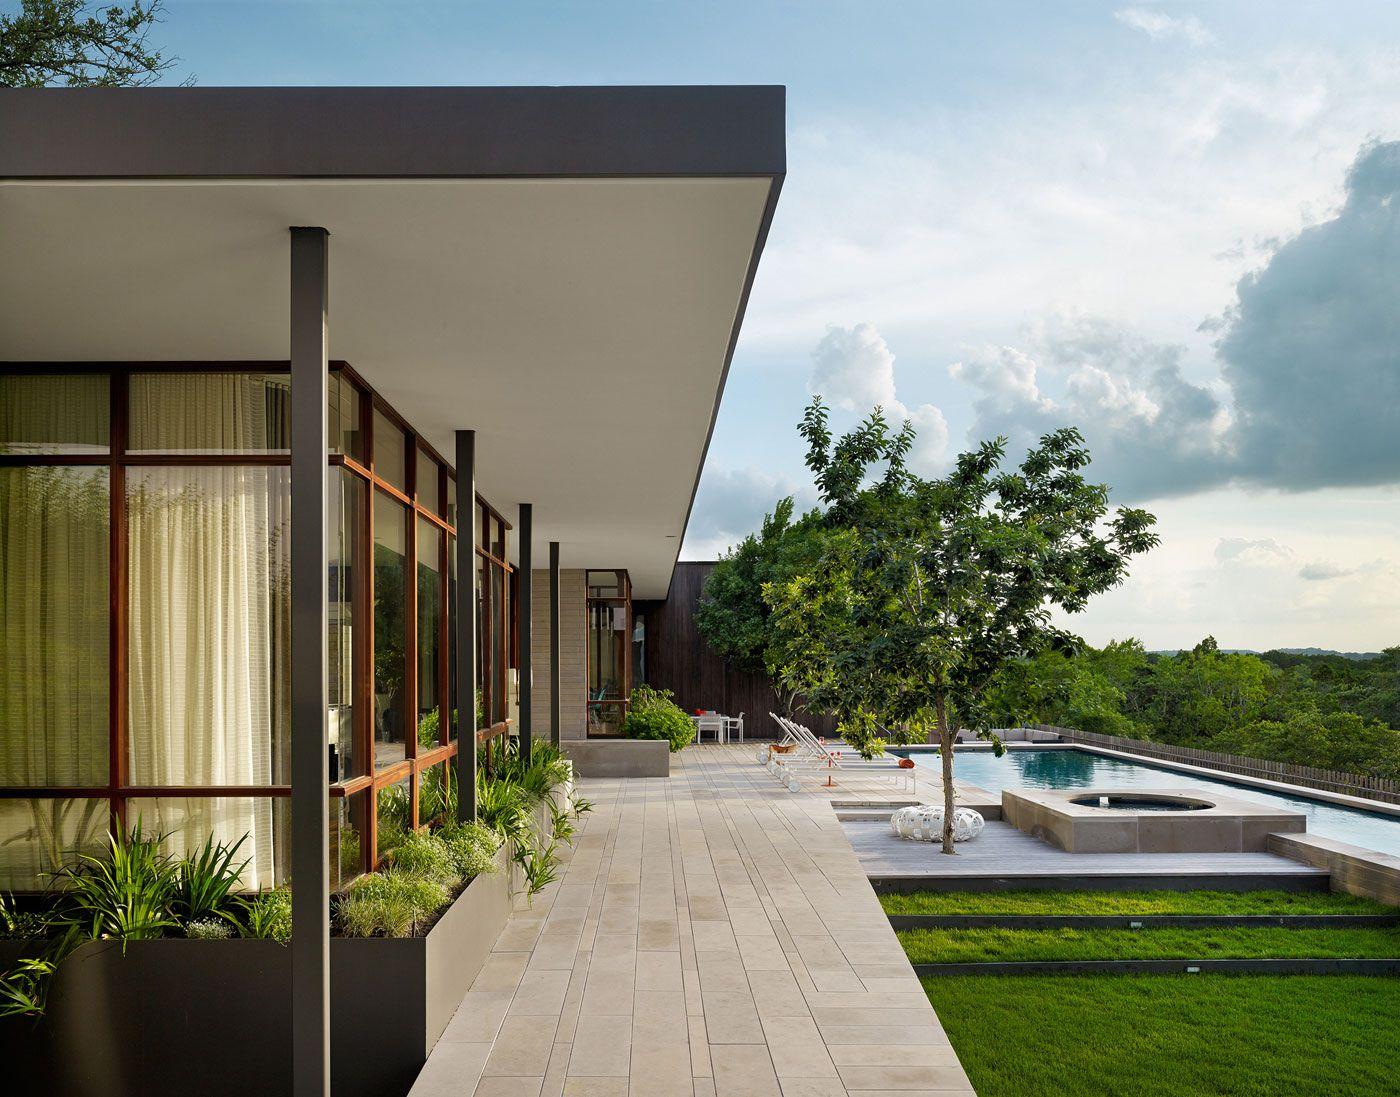 Lake-View-Residence-06